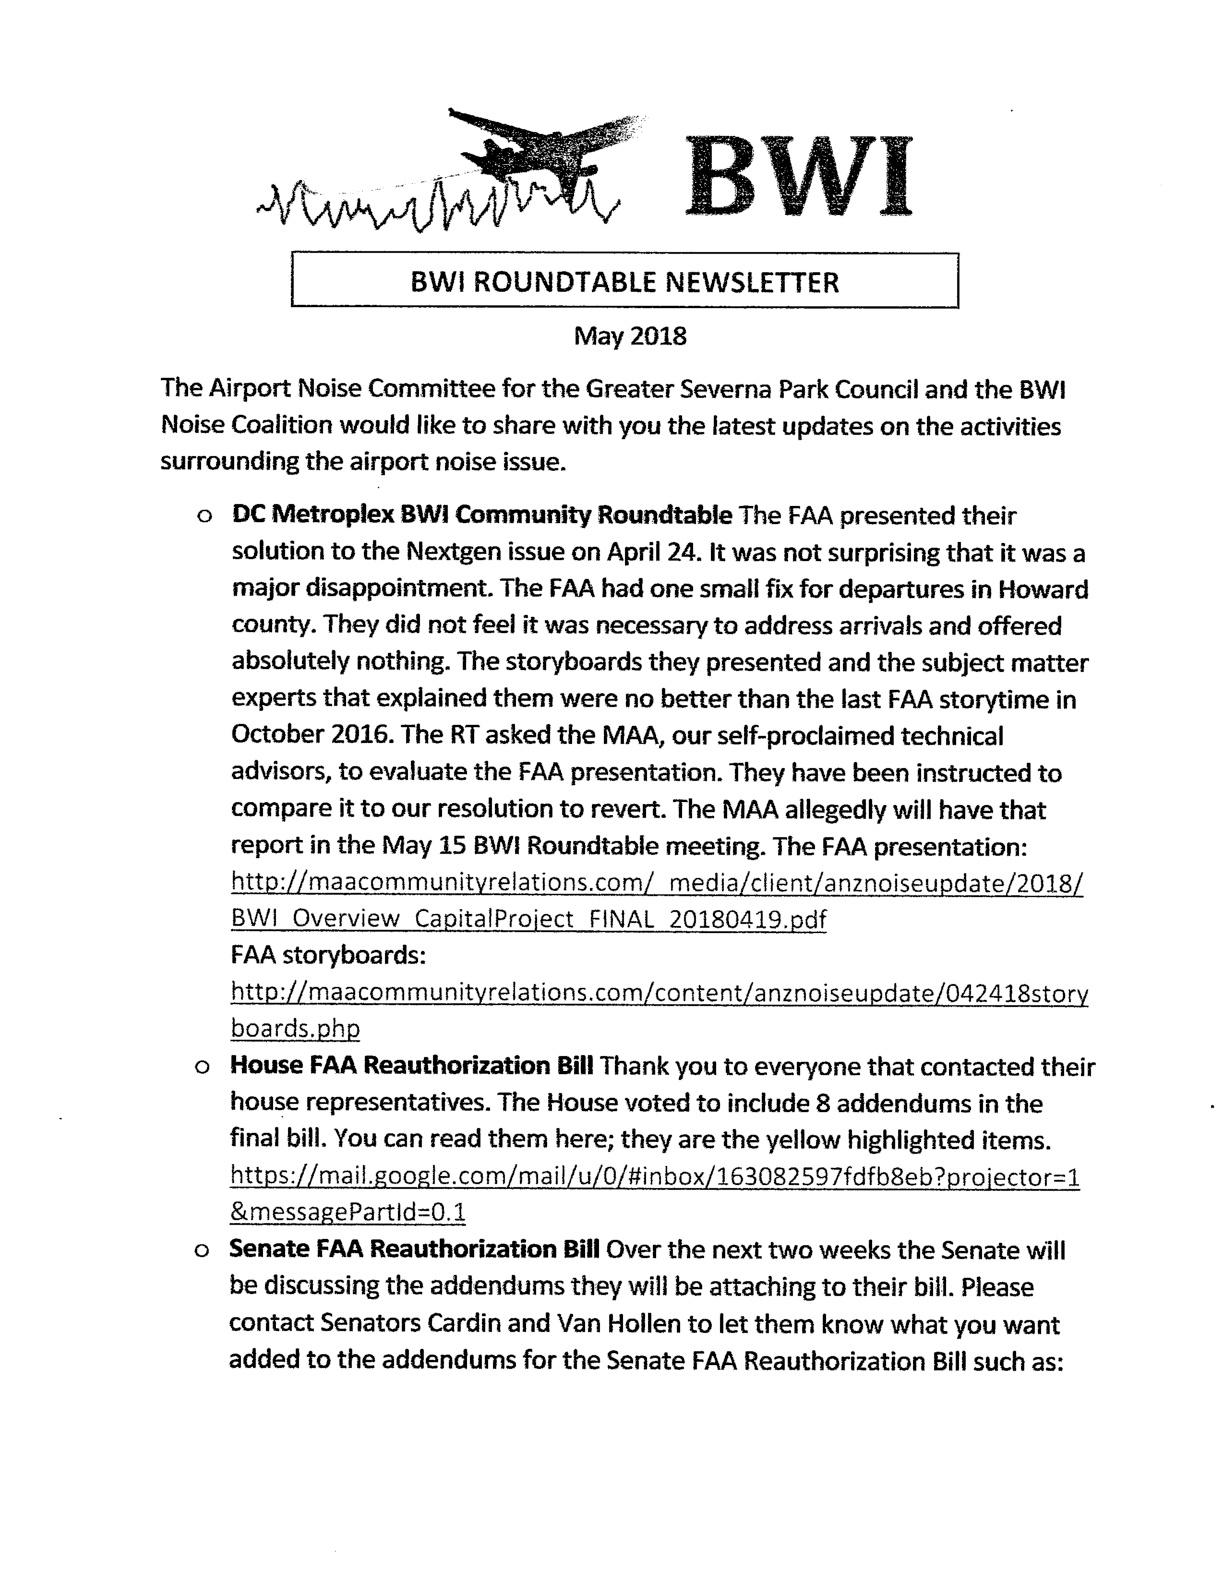 BWI-Roundtable-Newsletter-001.jpg